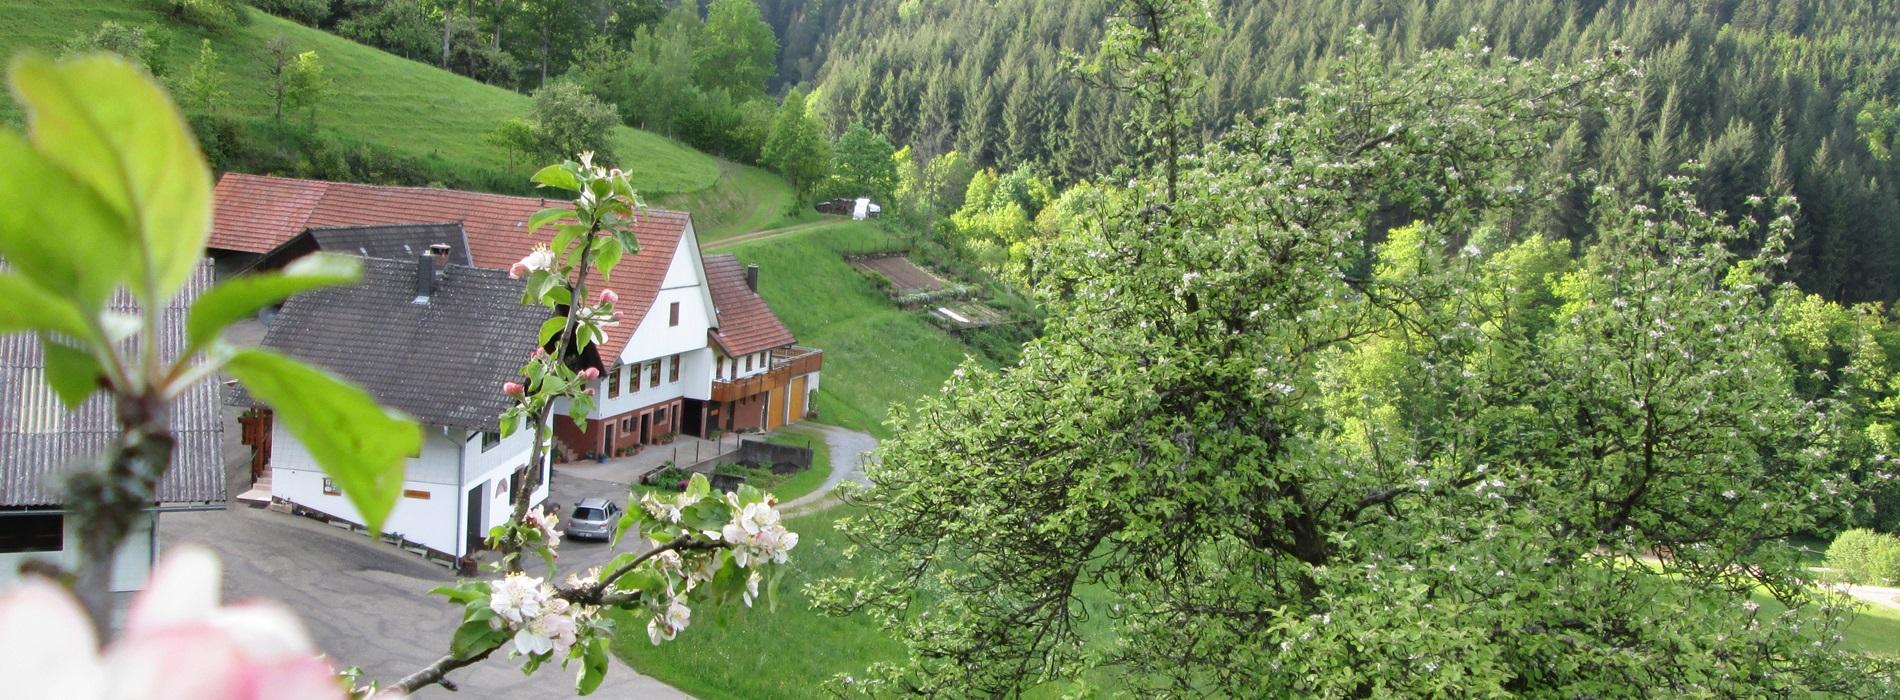 Zuwäldertal Ferienwohnung Stinneshof